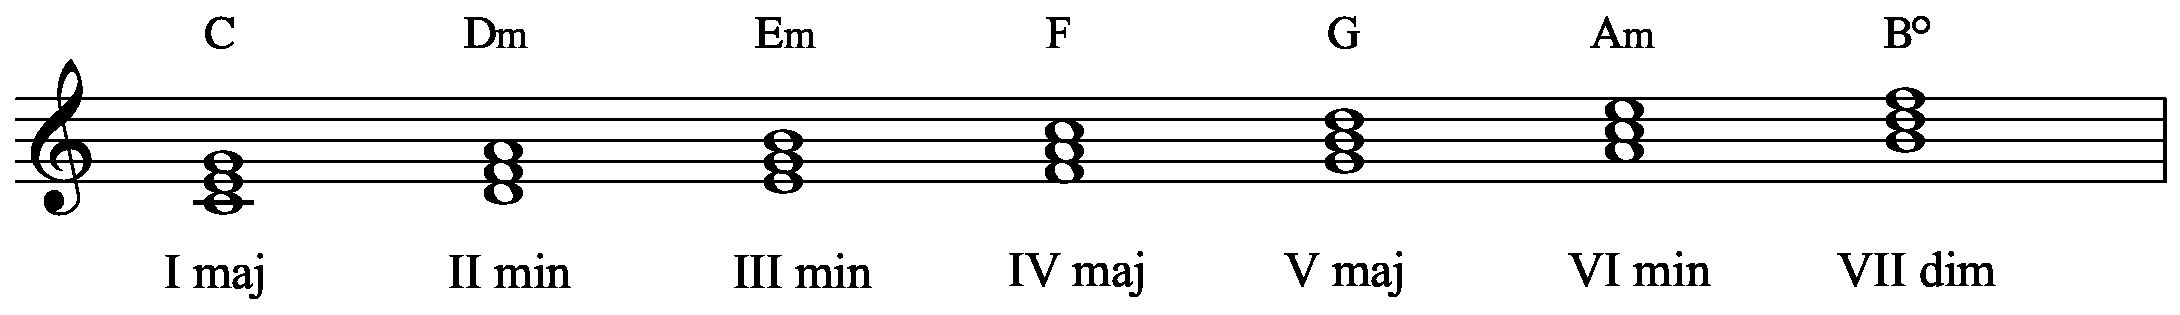 maj-dizi-armonizasyon_0001